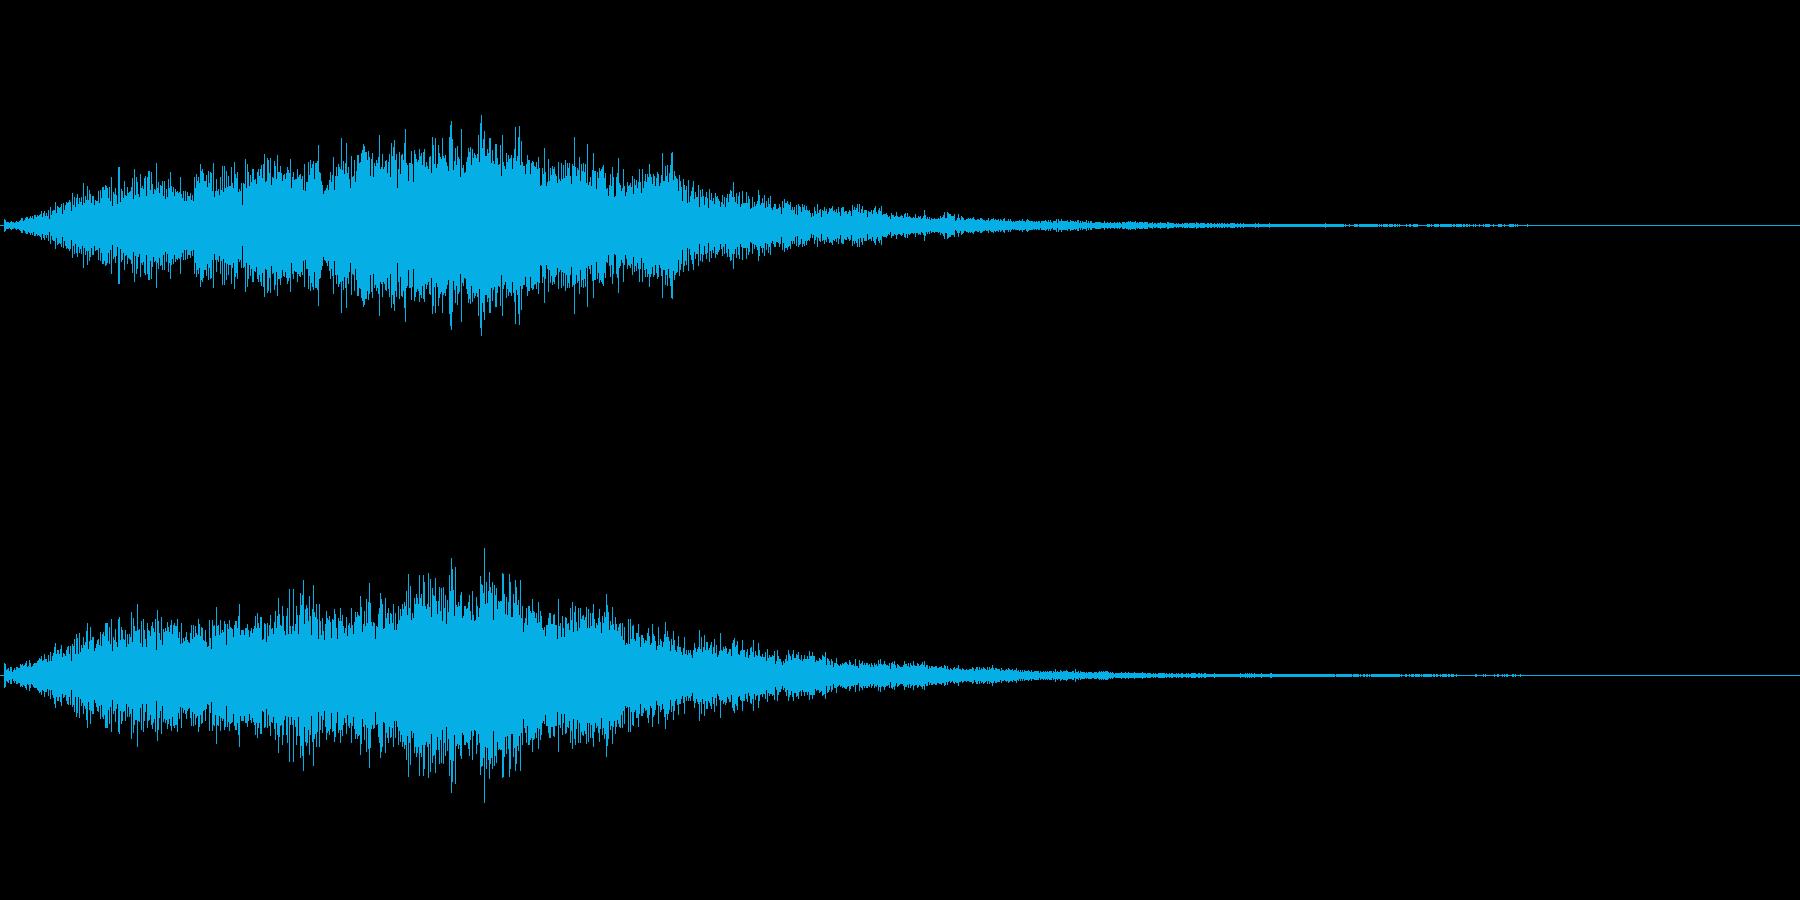 ヒュー、ドーン!!←シネマチックな衝撃音の再生済みの波形